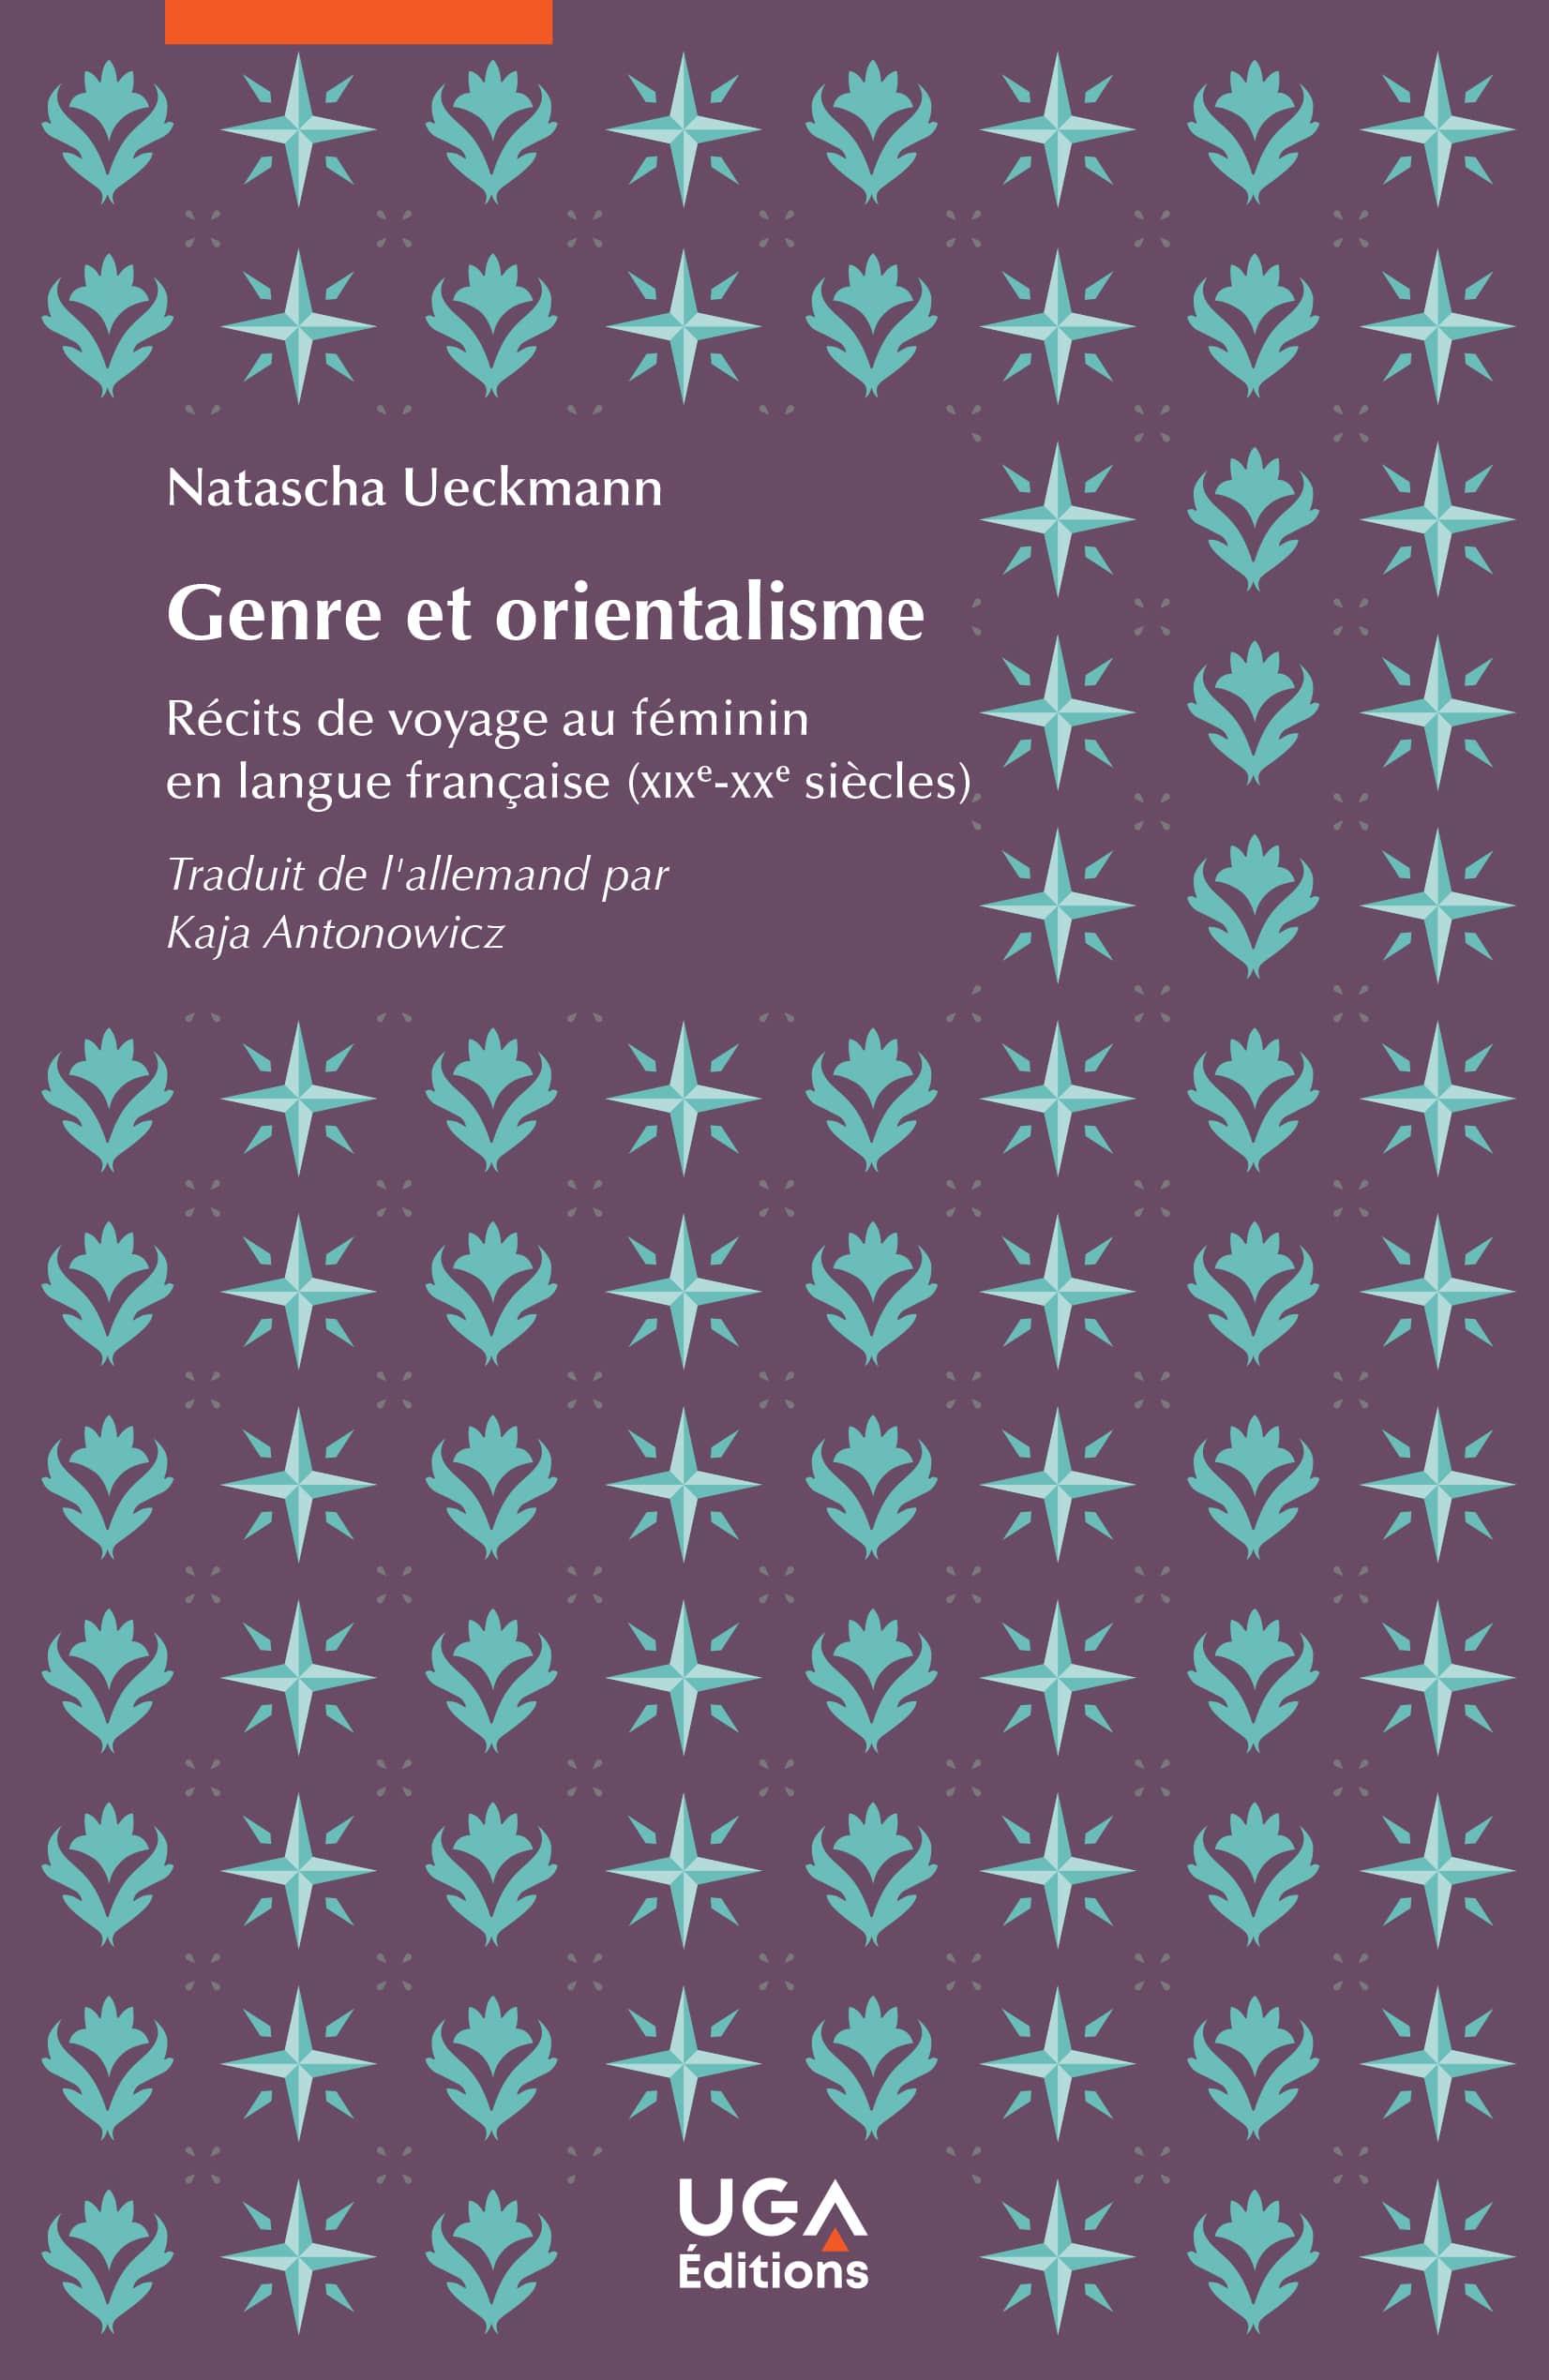 N. Ueckmann, Genre et orientalisme. Récits de voyage au féminin en langue française (XIXe-XXe s.)